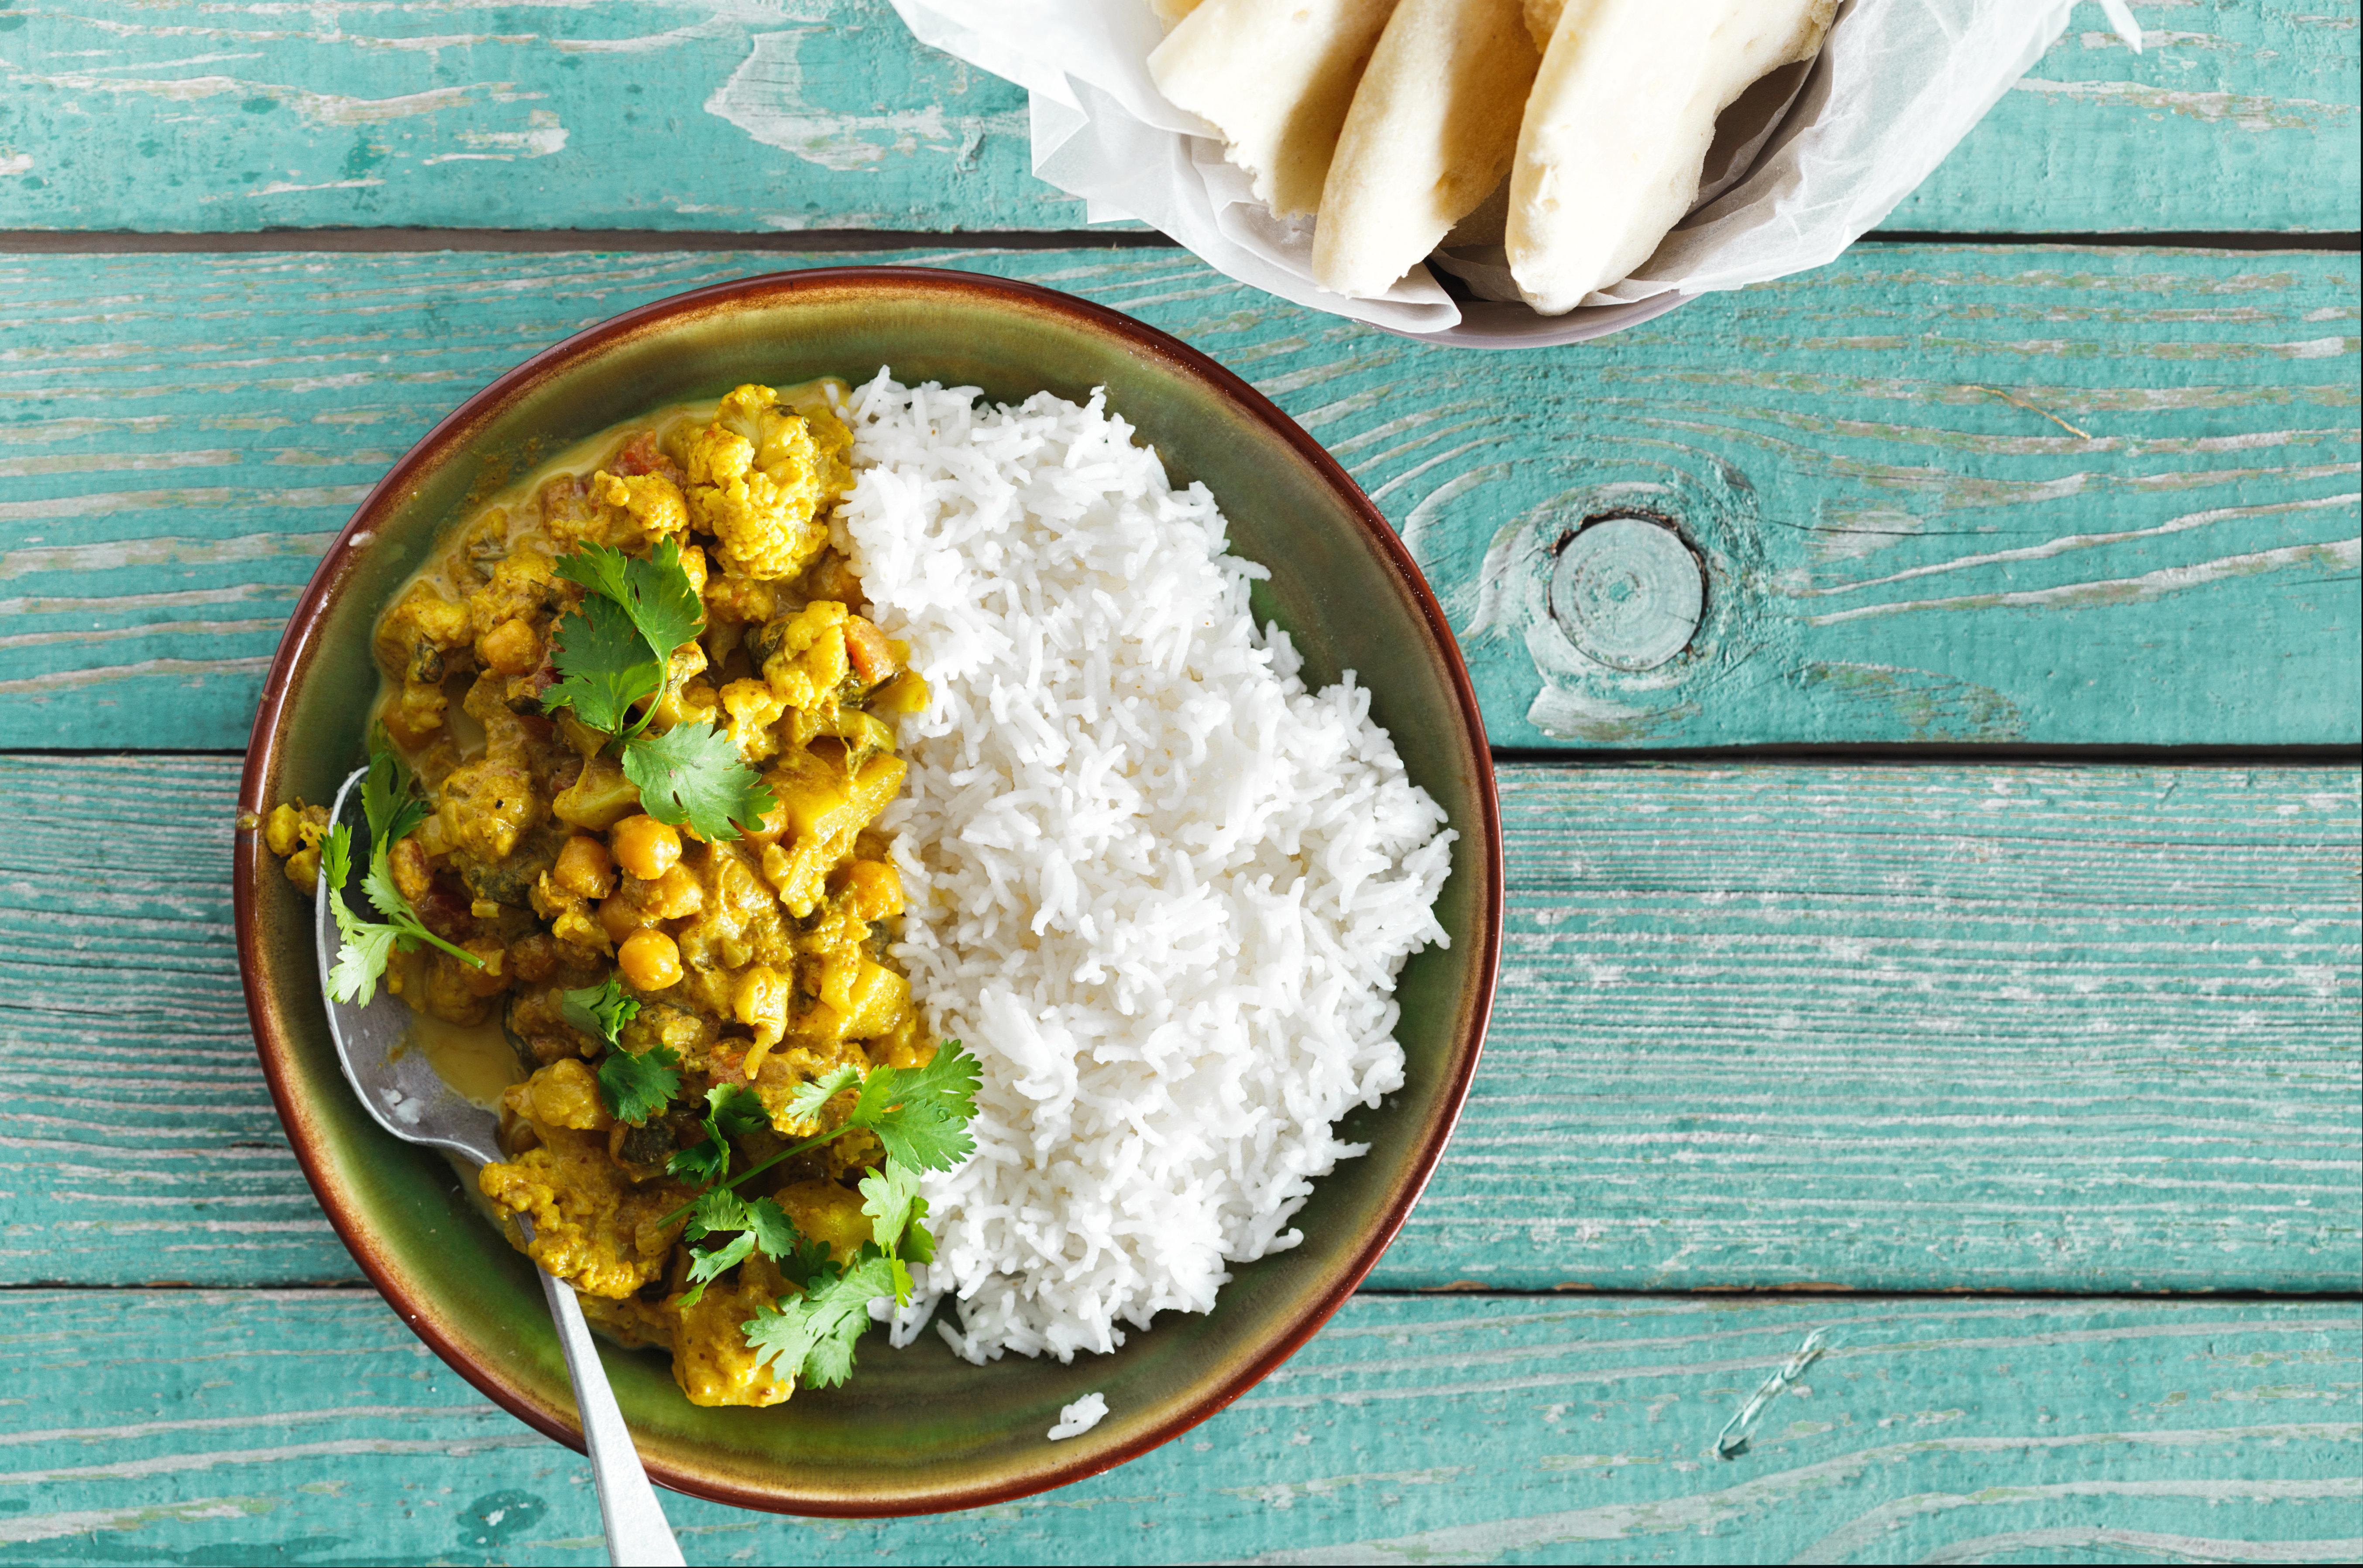 Τόσο καιρό μαγειρεύετε το ρύζι λάθος (και παίρνετε τσάμπα